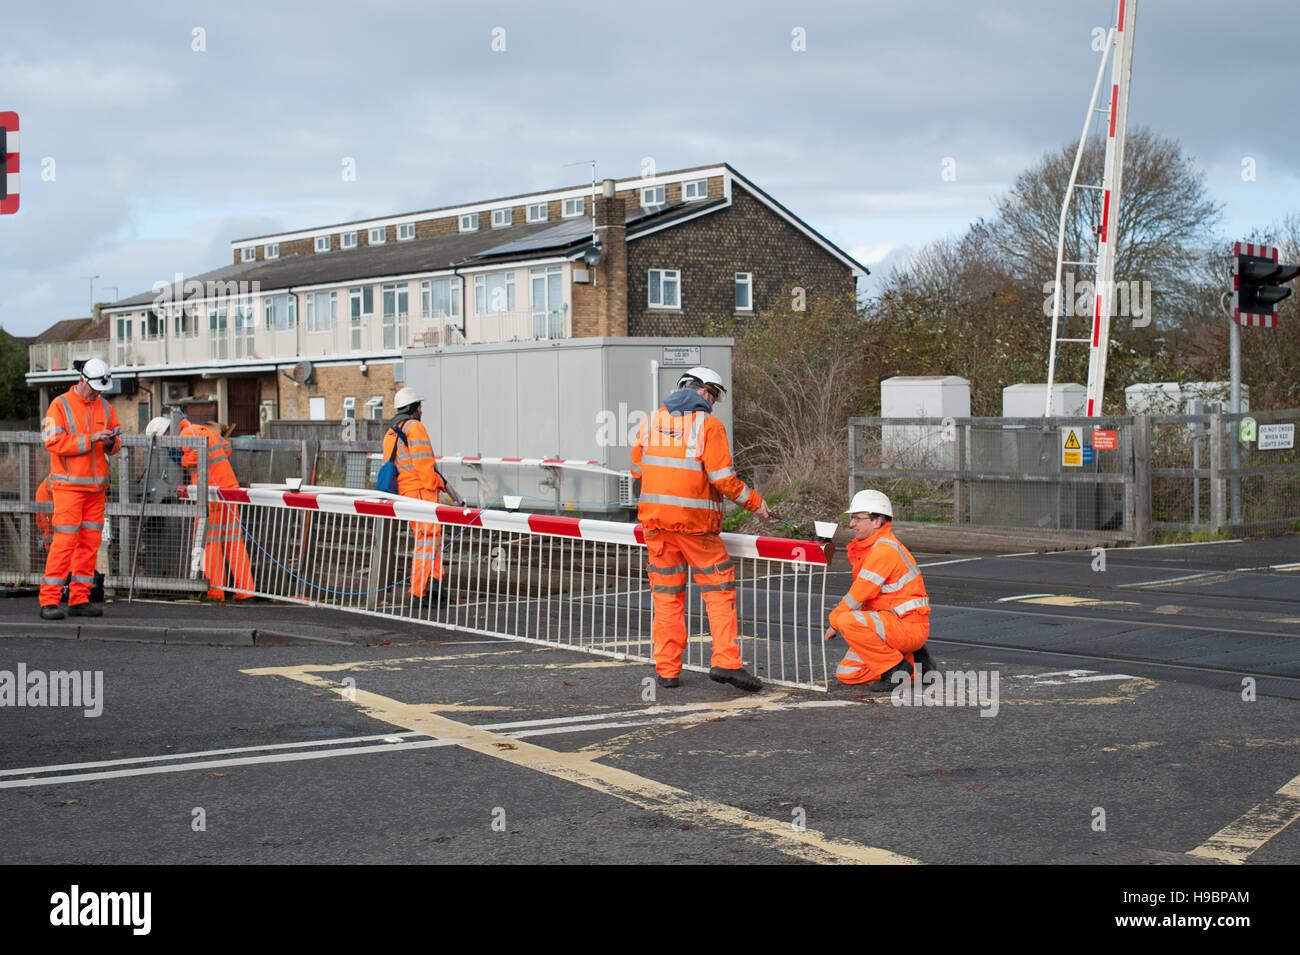 Network Rail engineers repair a railway level crossing